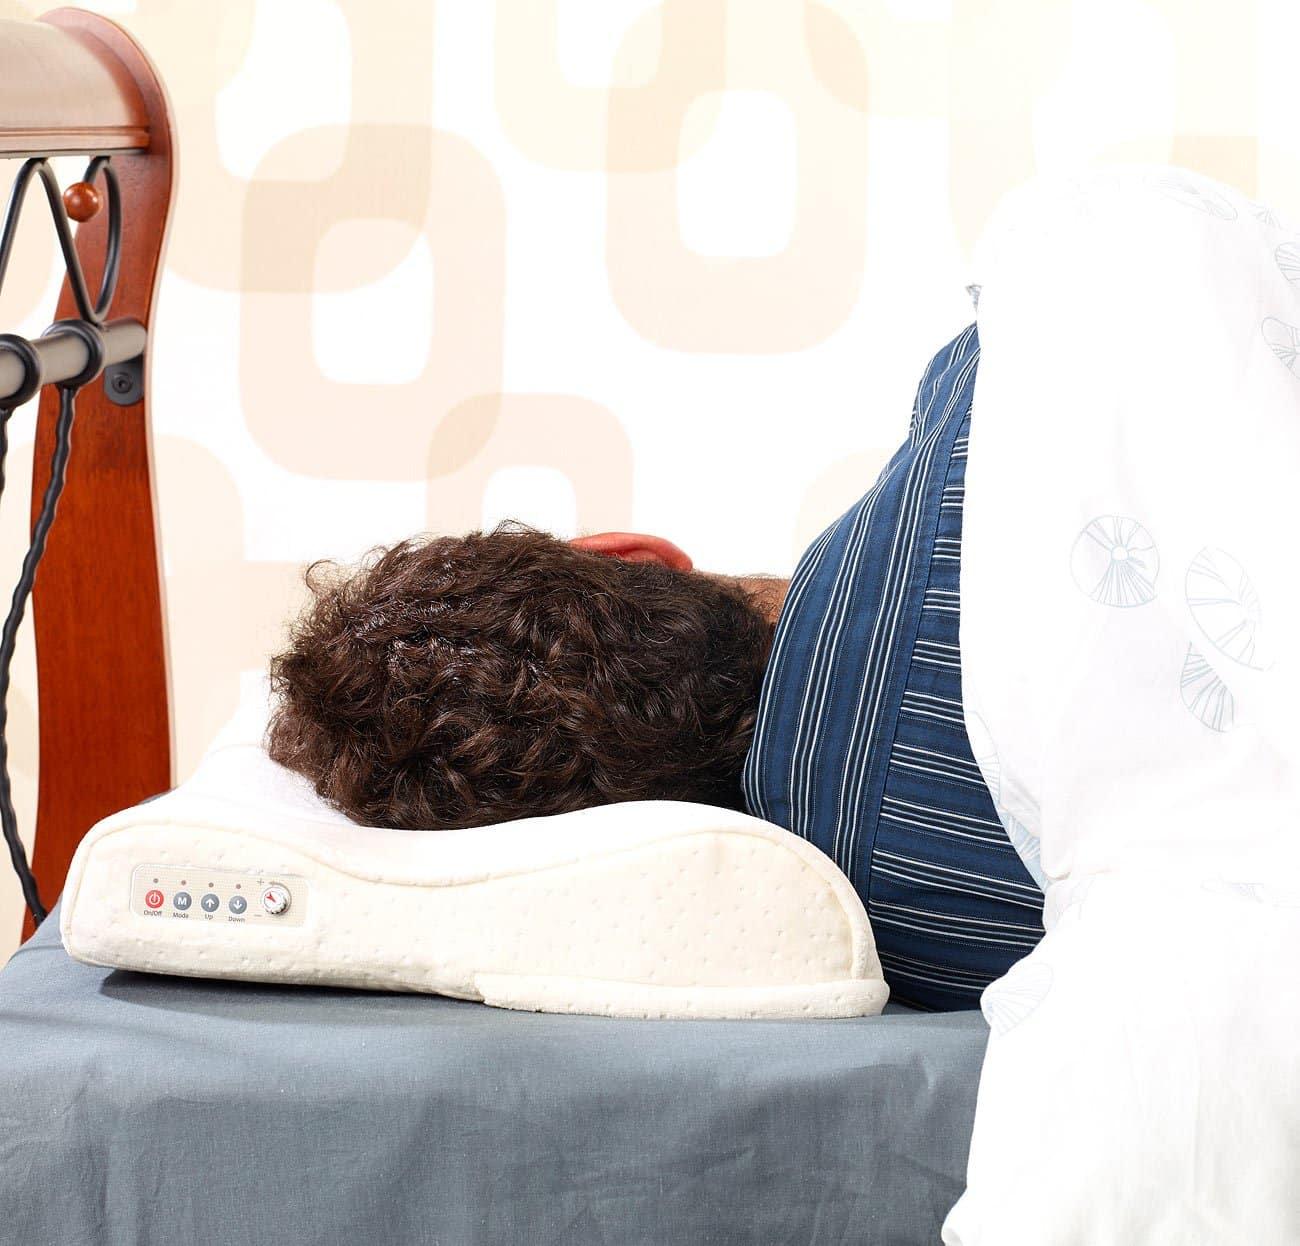 acheter un oreiller anti-ronflement